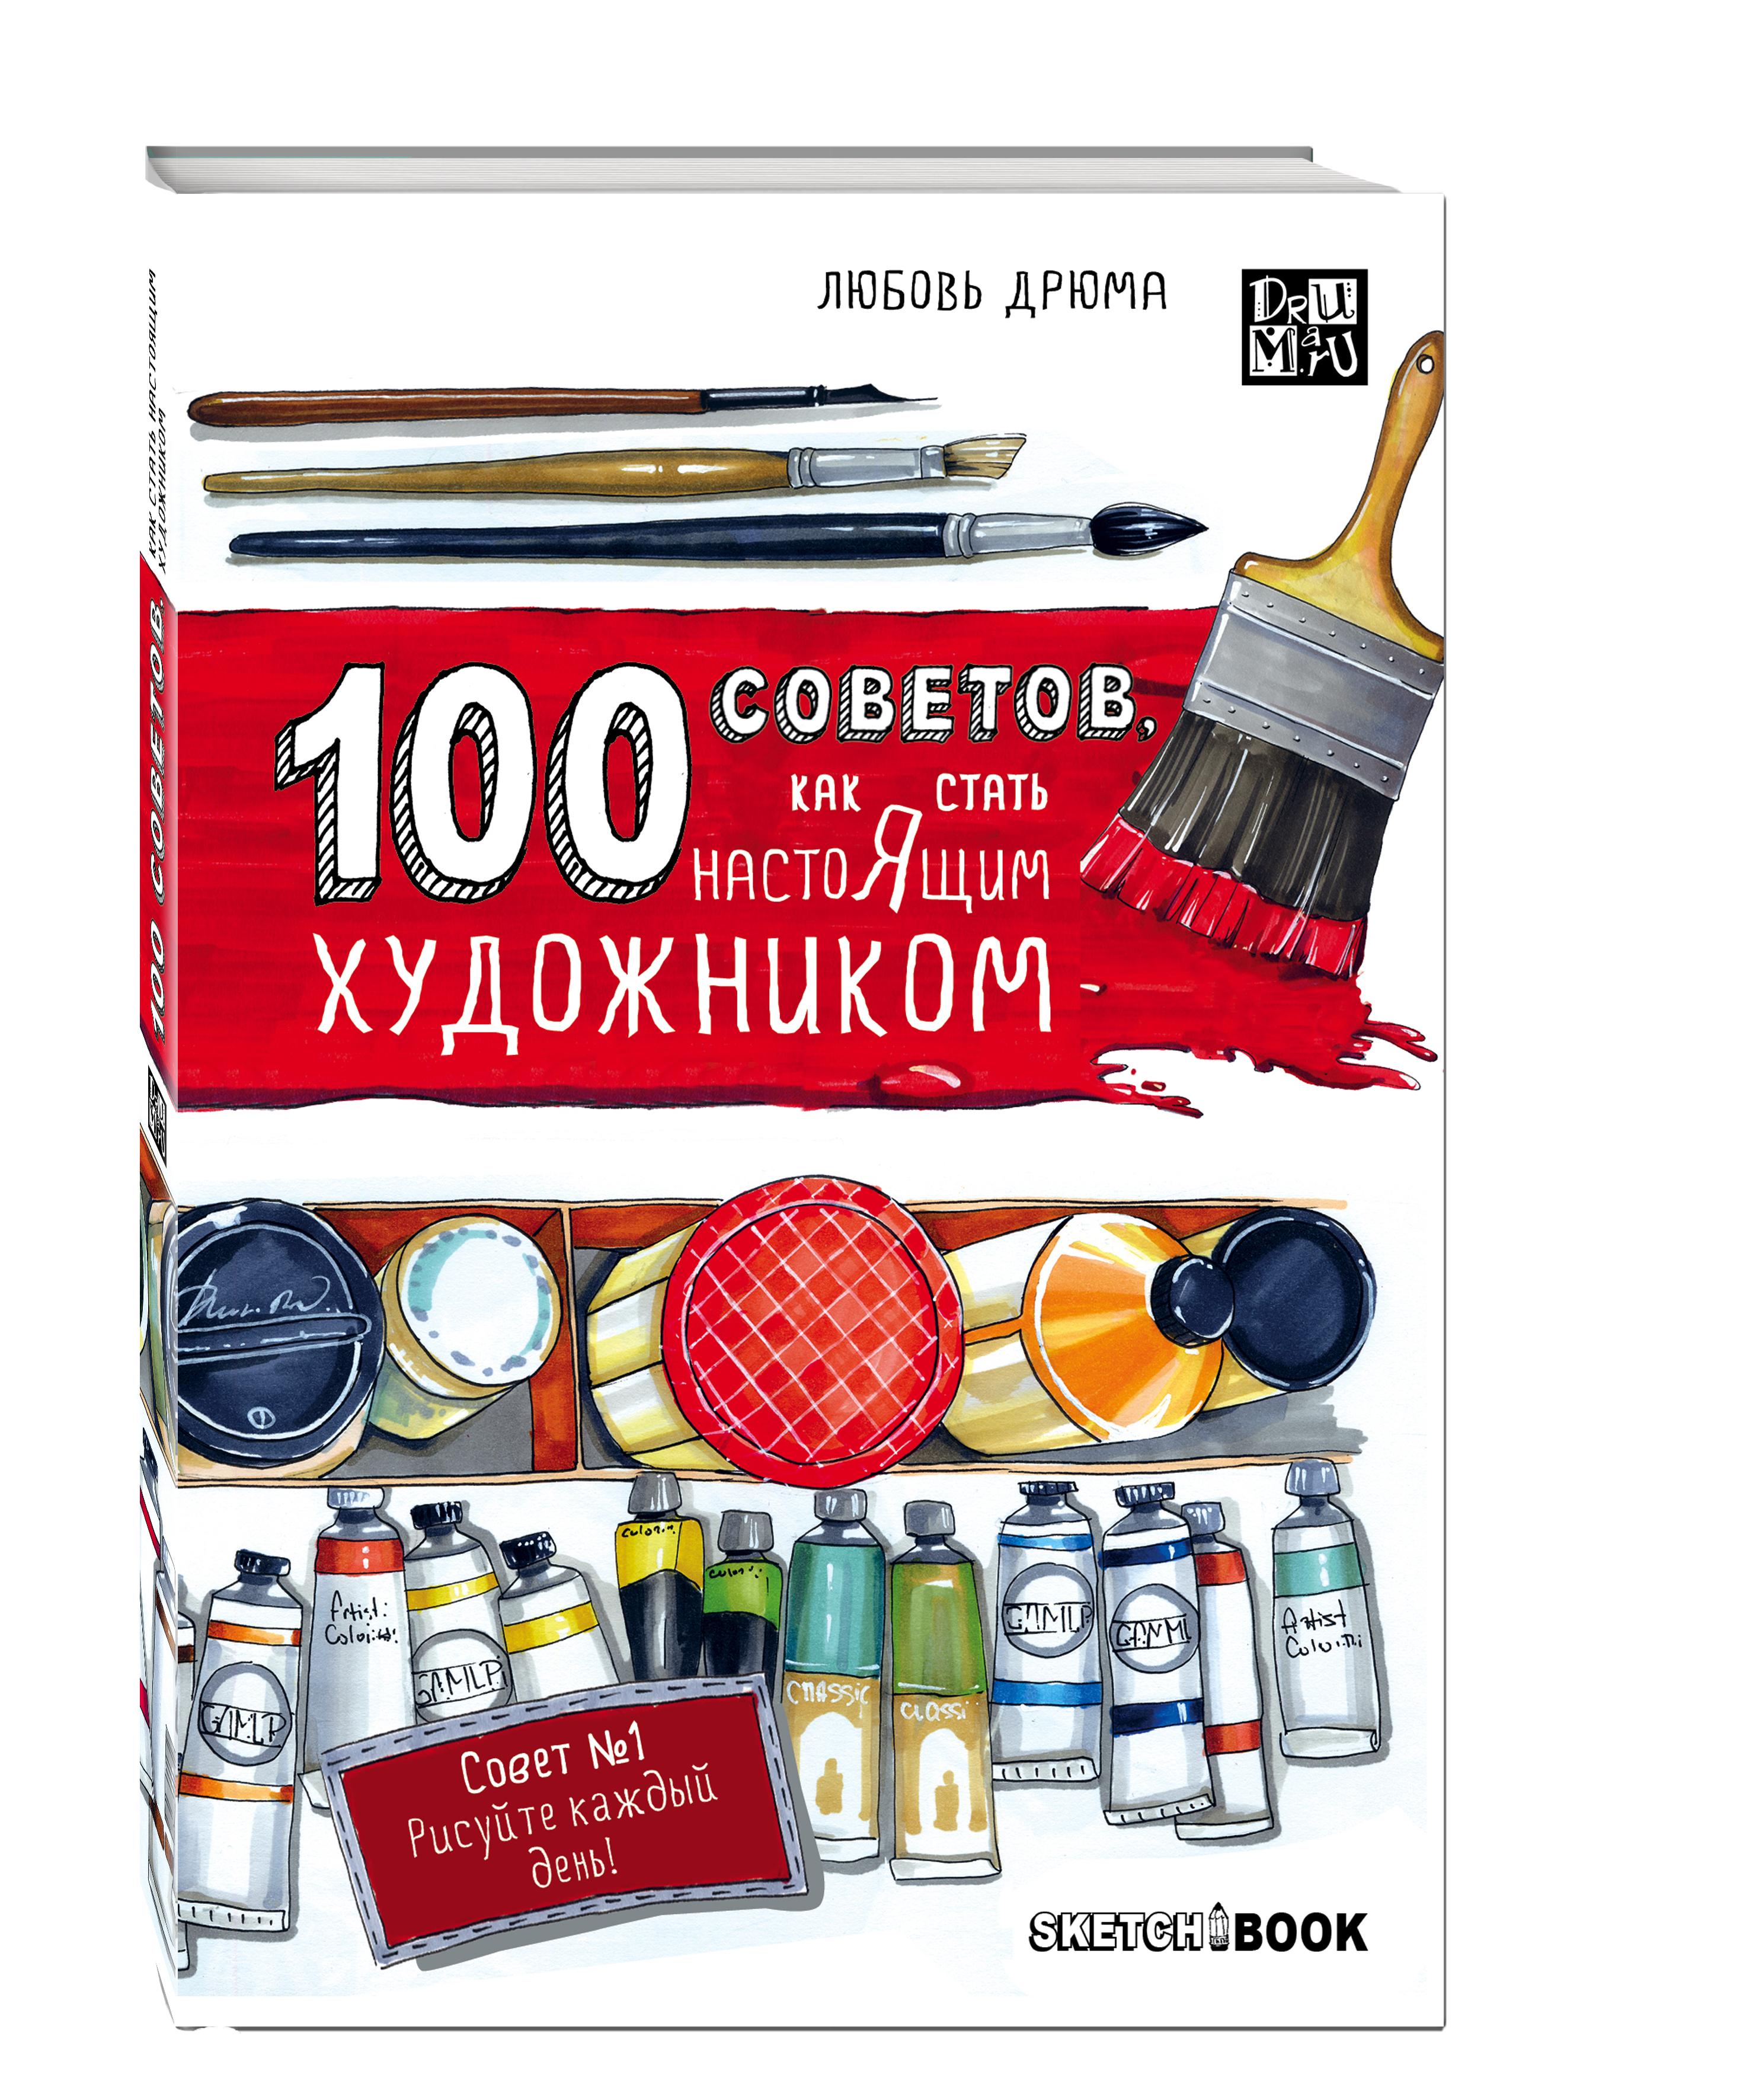 100 советов, как стать настоящим художником. Sketchbook 7a04bfbbc4f